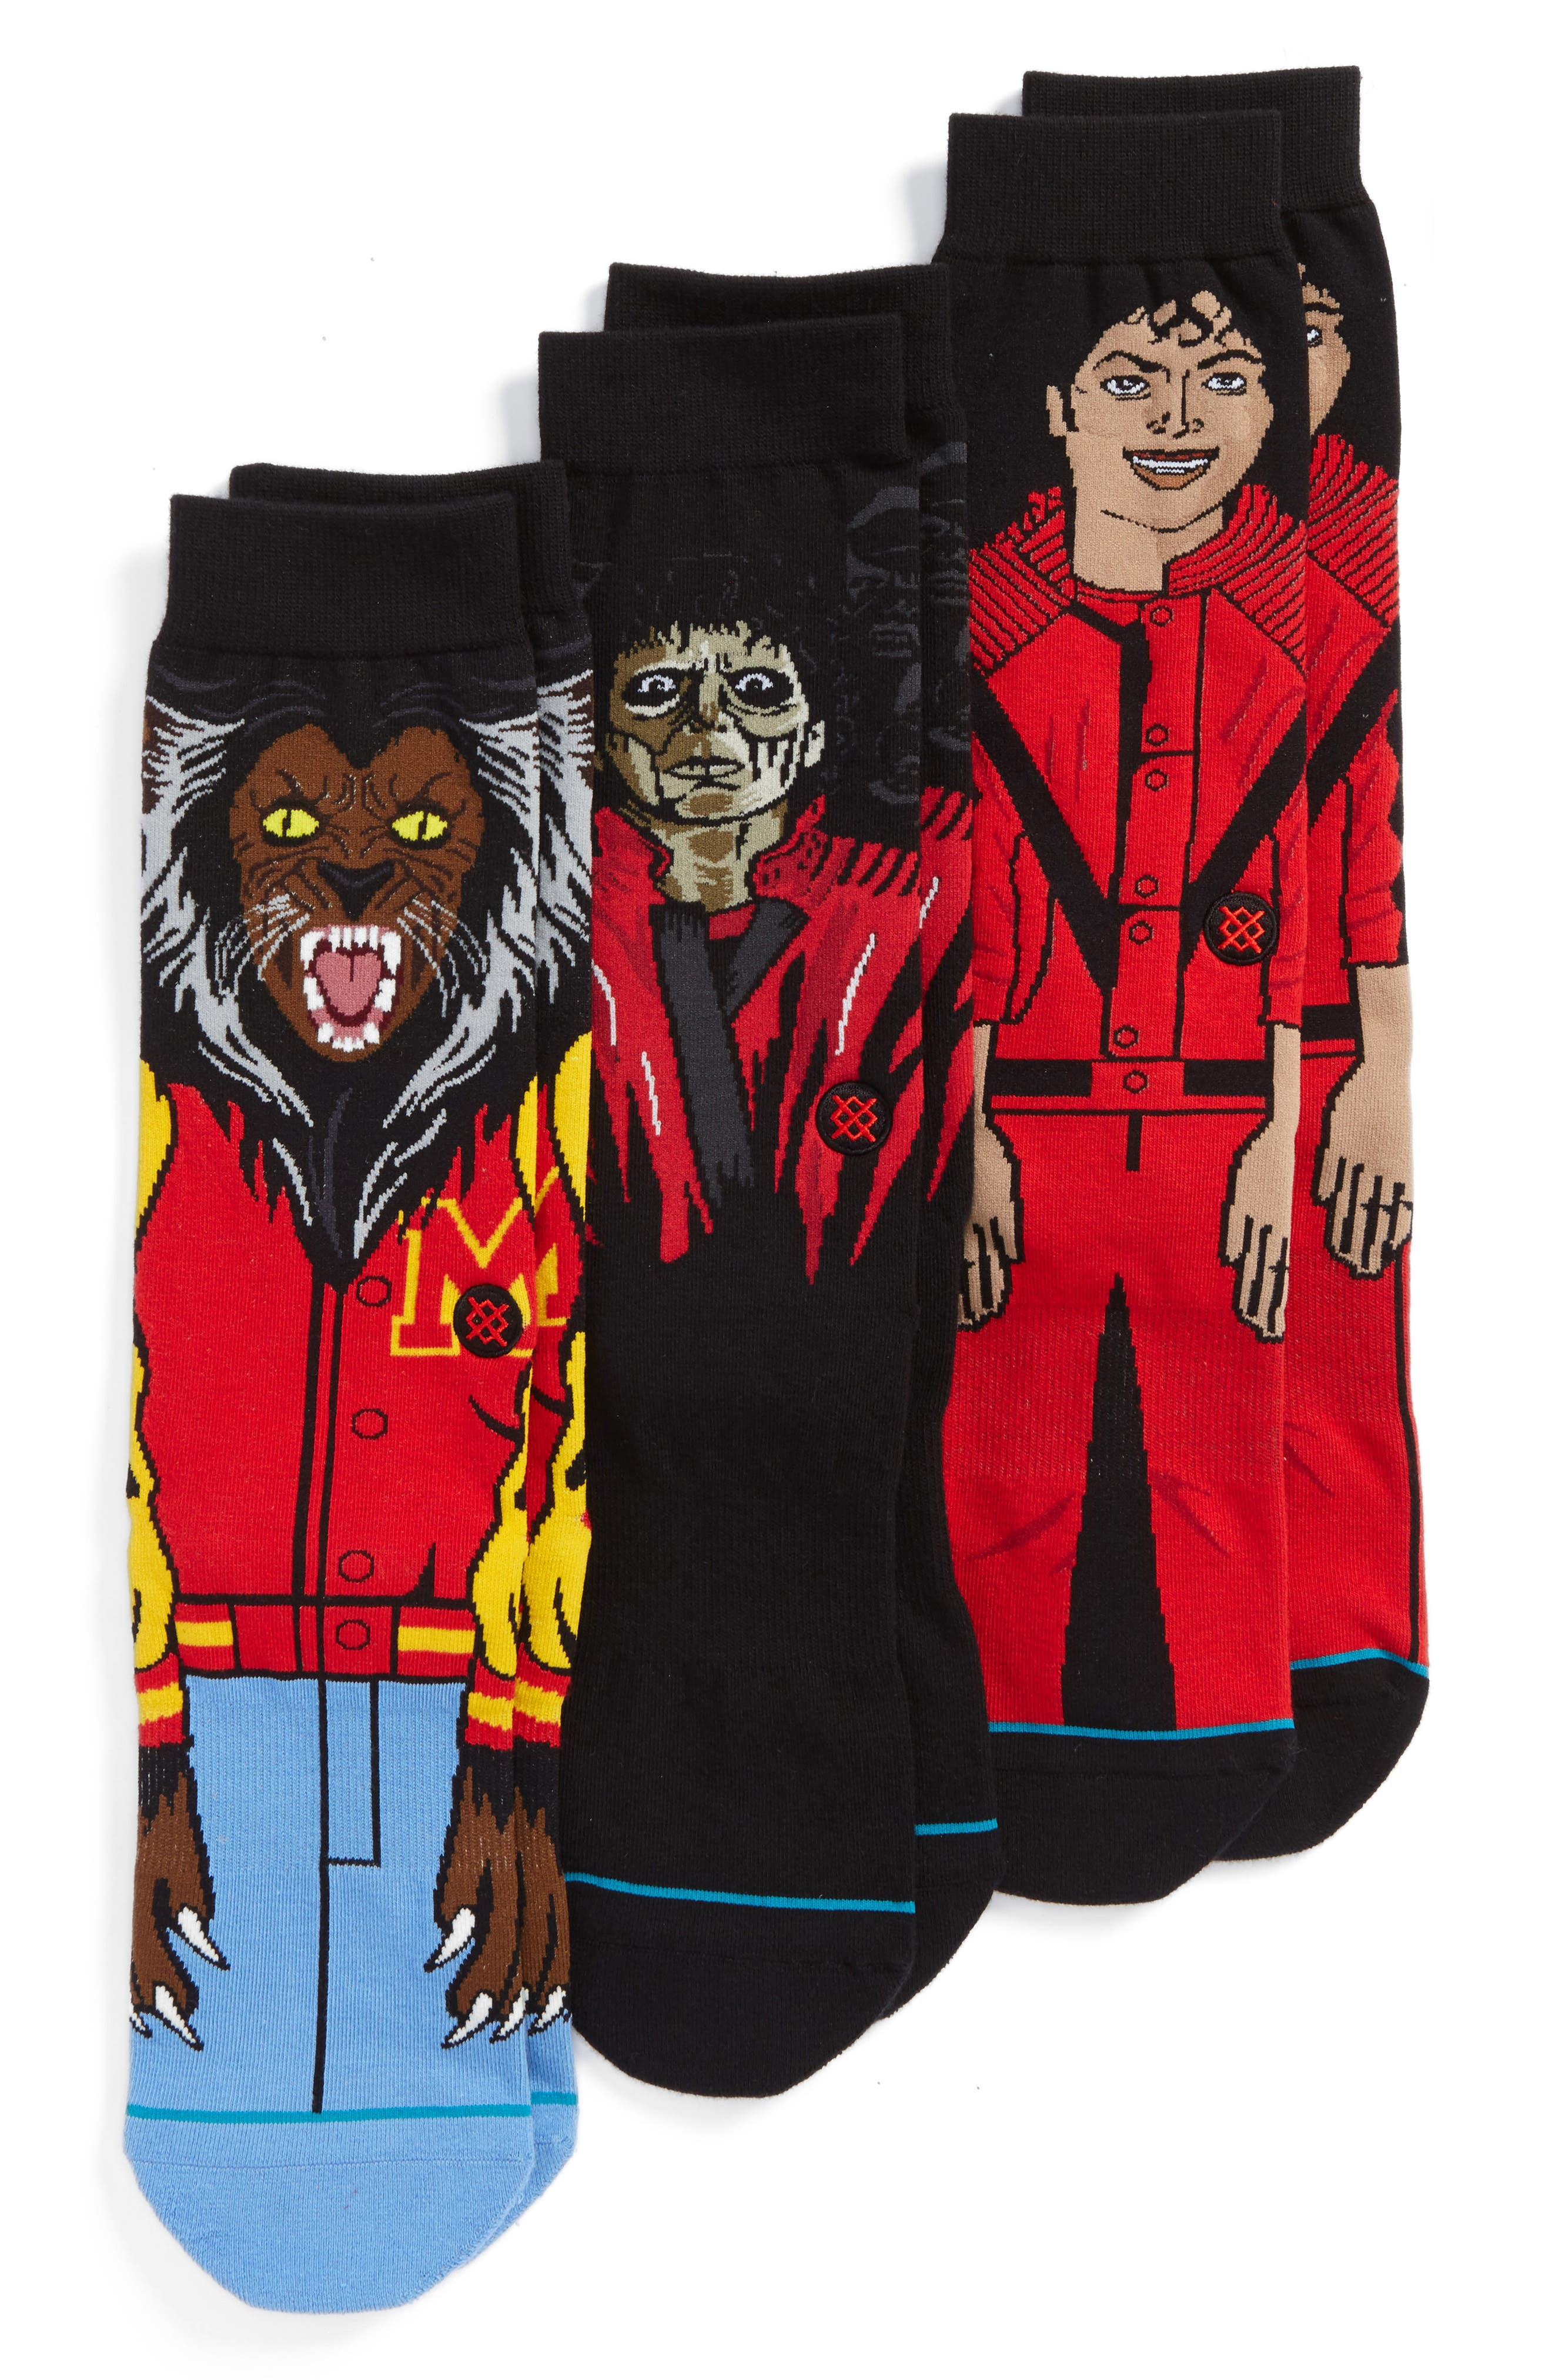 Alternate Image 1 Selected - Stance 3-Pack Michael Jackson Thriller Socks